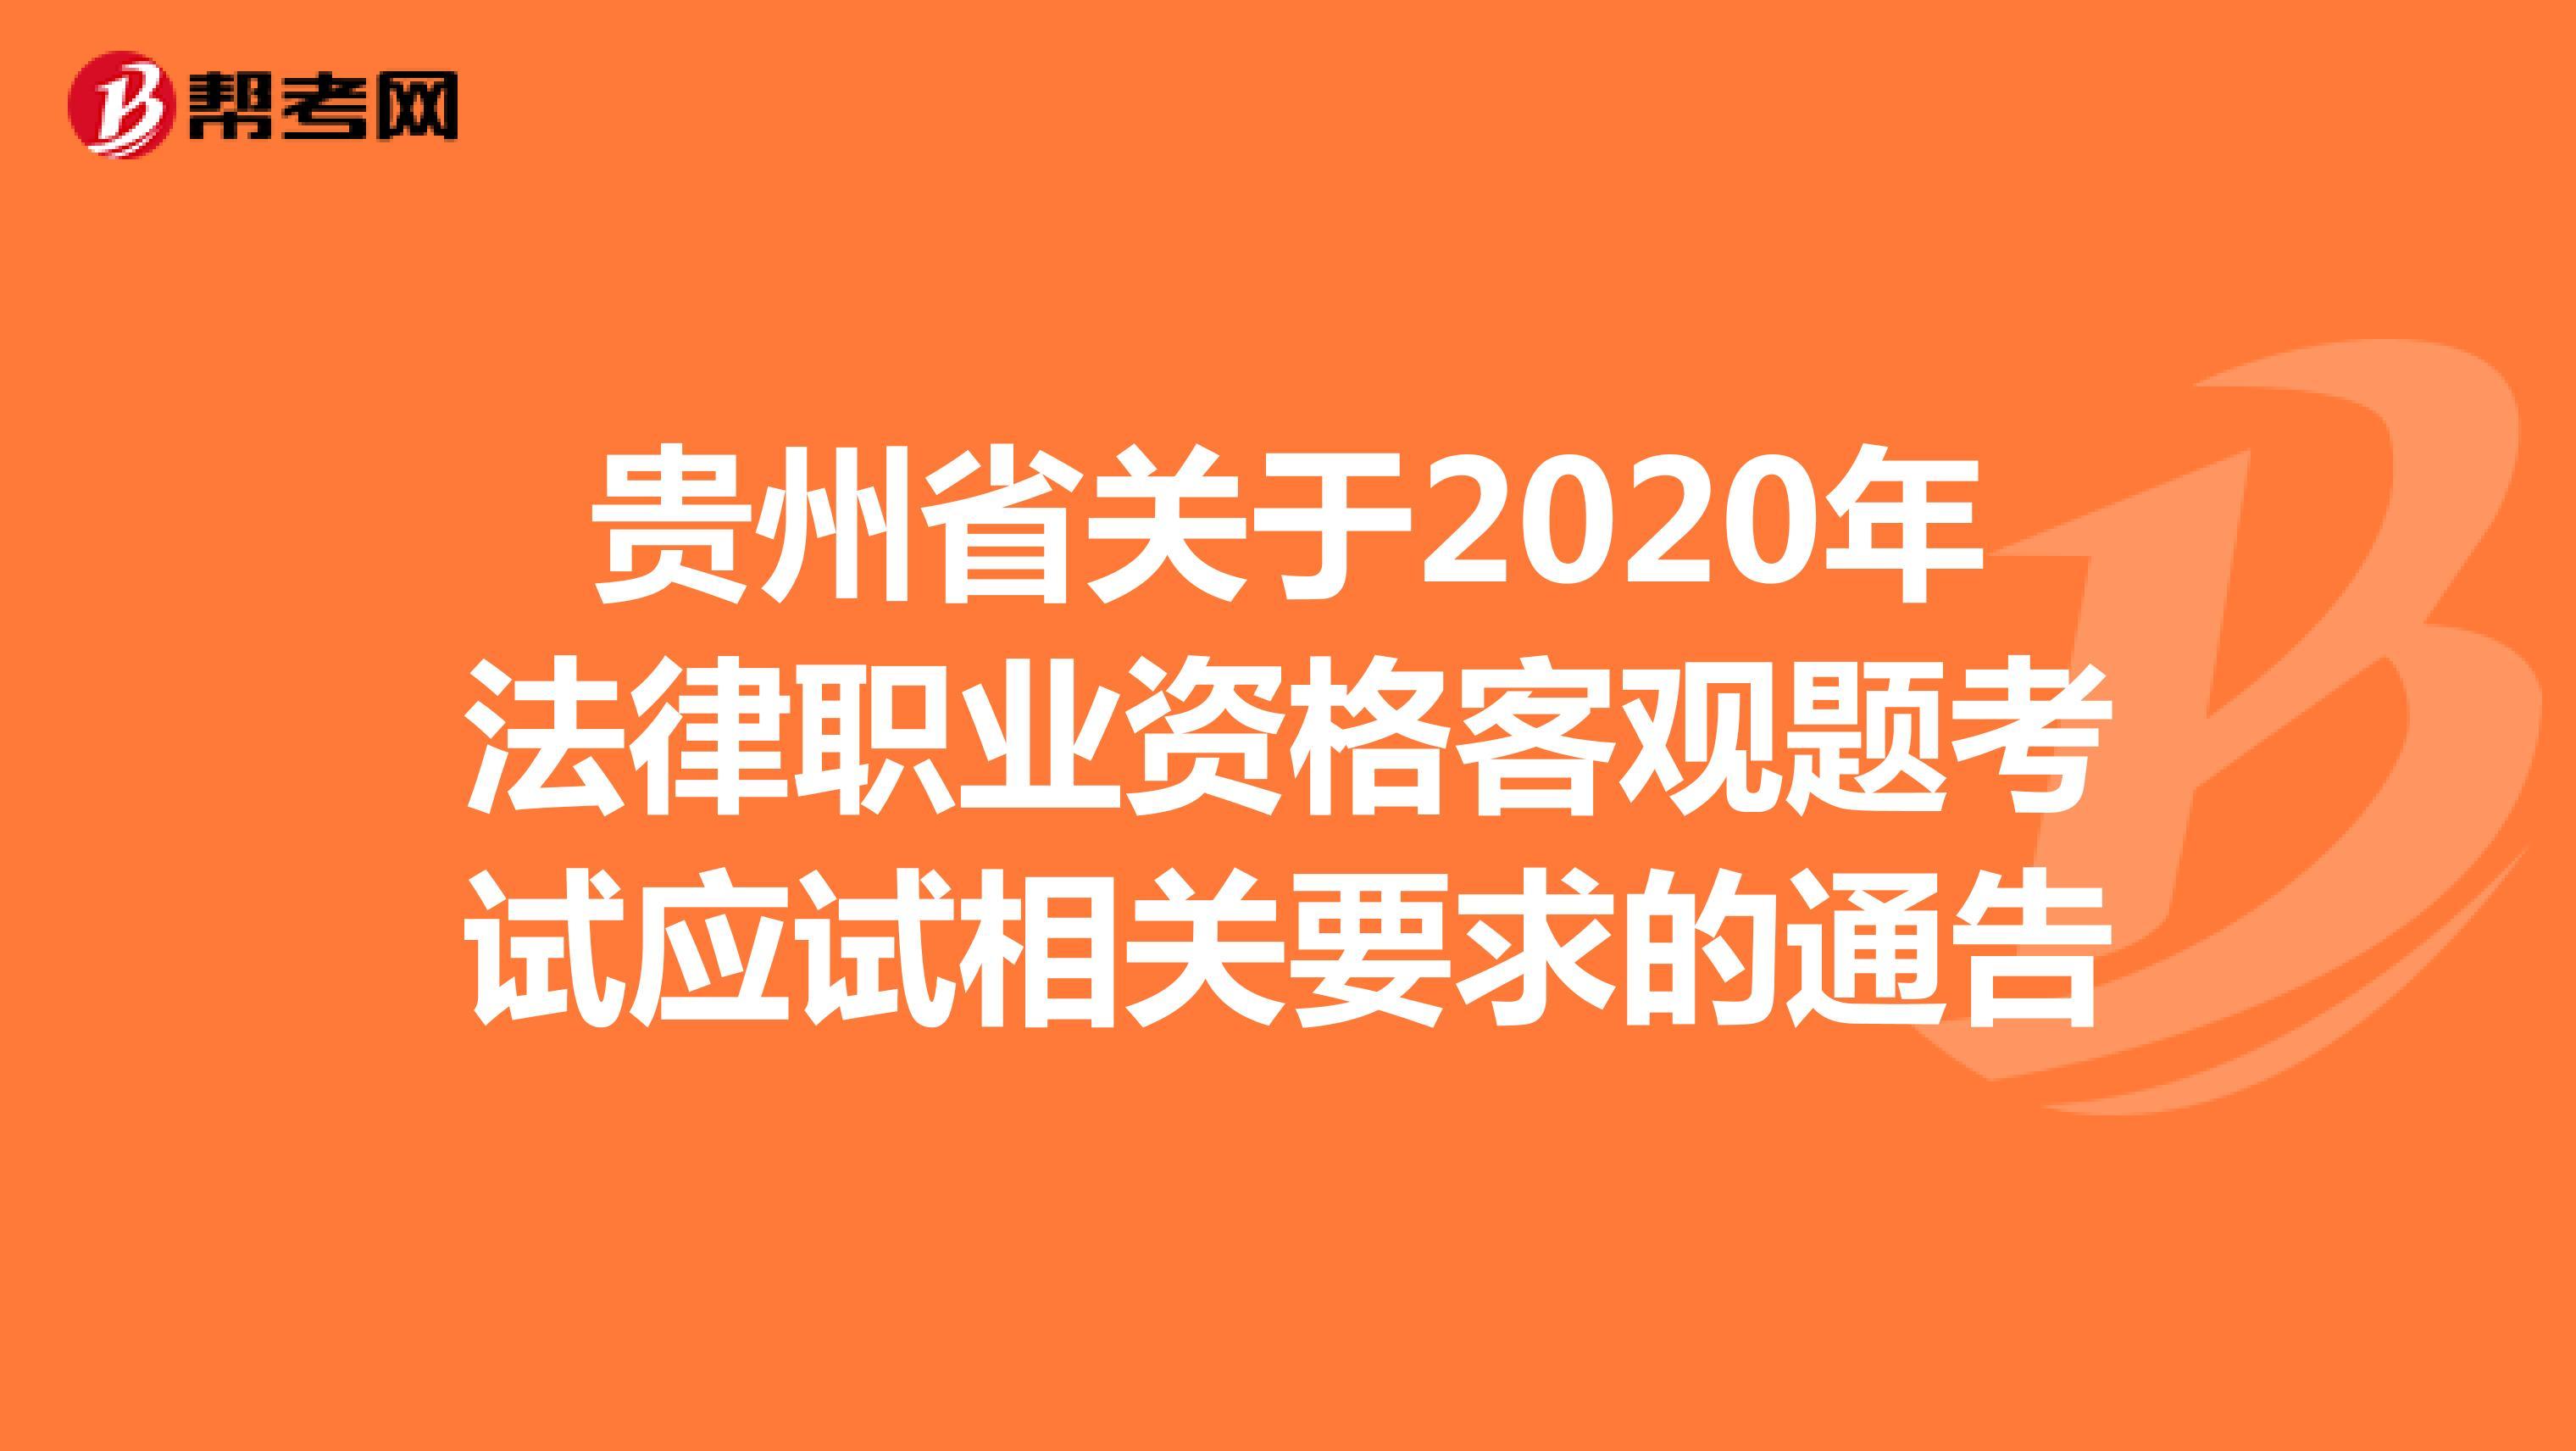 贵州省关于2020年法律职业资格客观题考试应试相关要求的通告